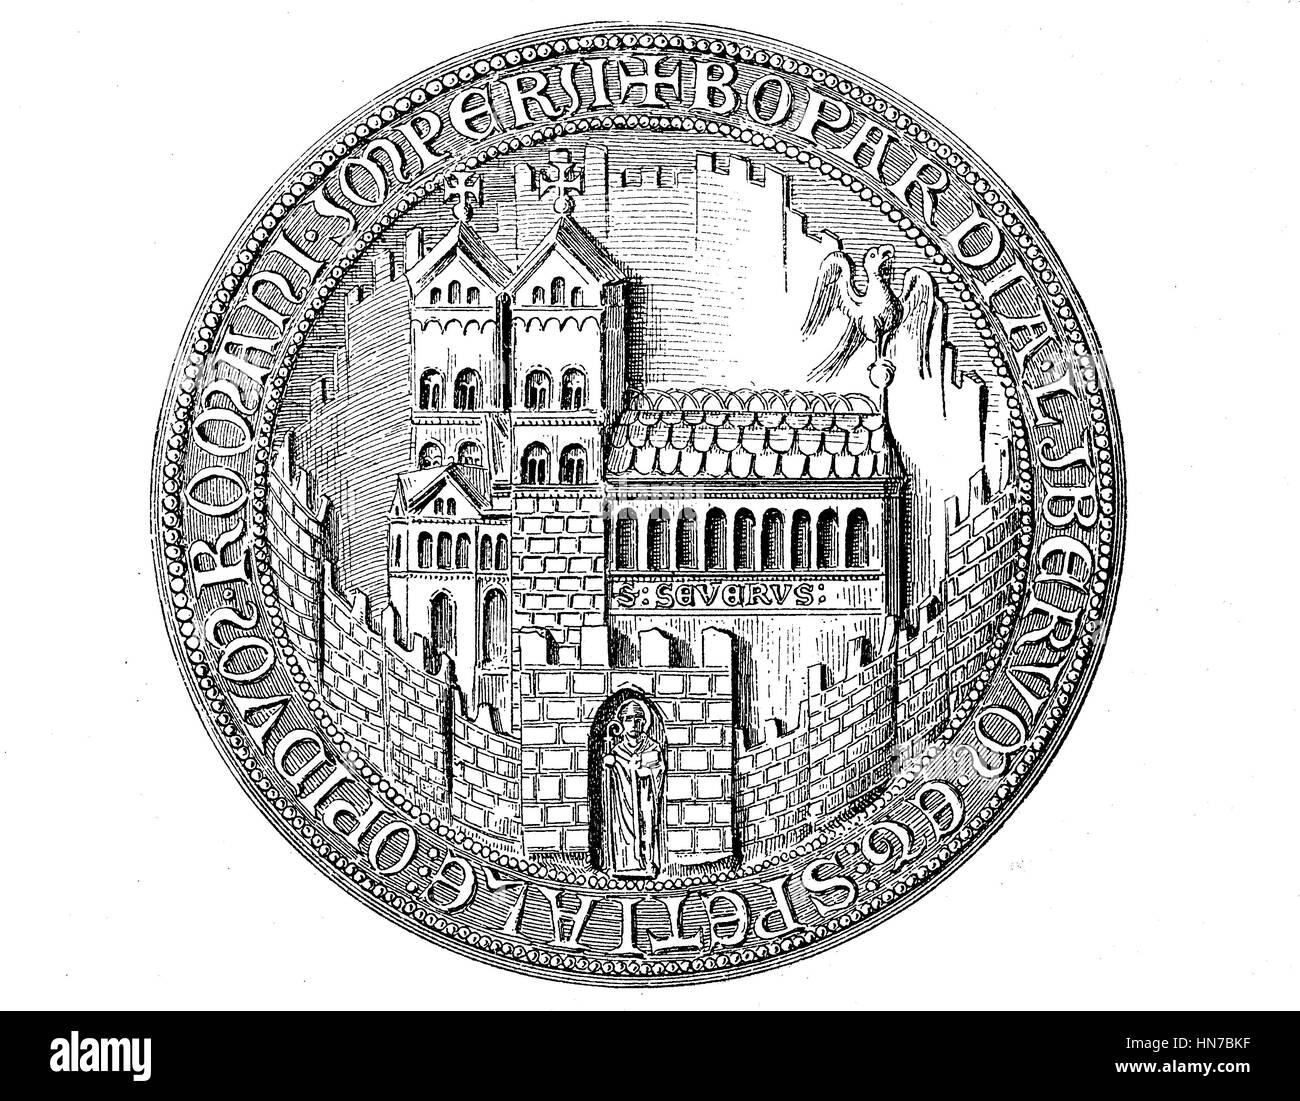 Mittelalterliche Dichtung vom 13. bis 15. Jahrhunderts, hier Boppard, Deutschland, mittelalterliches Stadtsiegel Stockbild